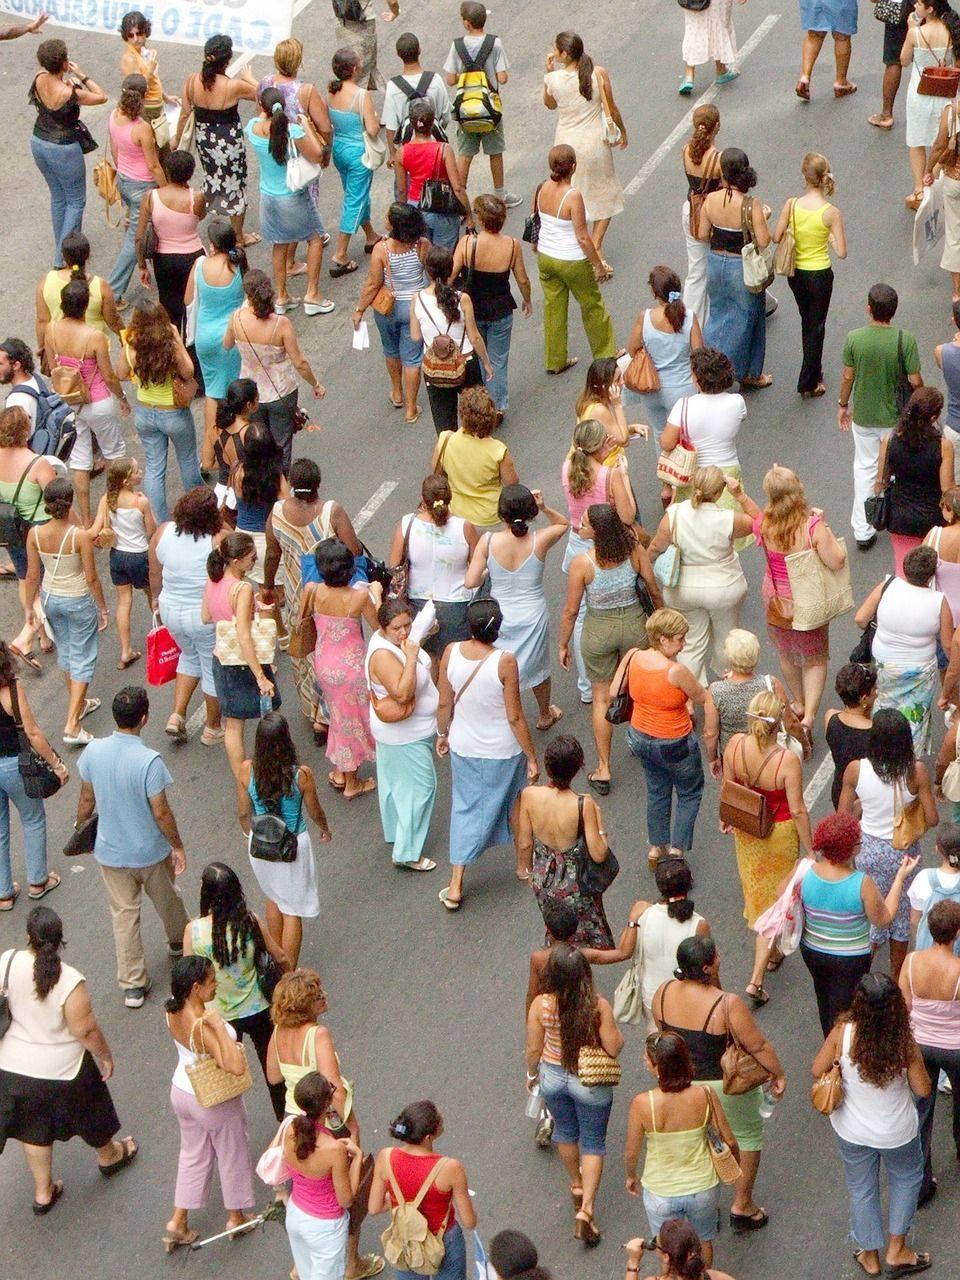 people-193359_1280.jpg